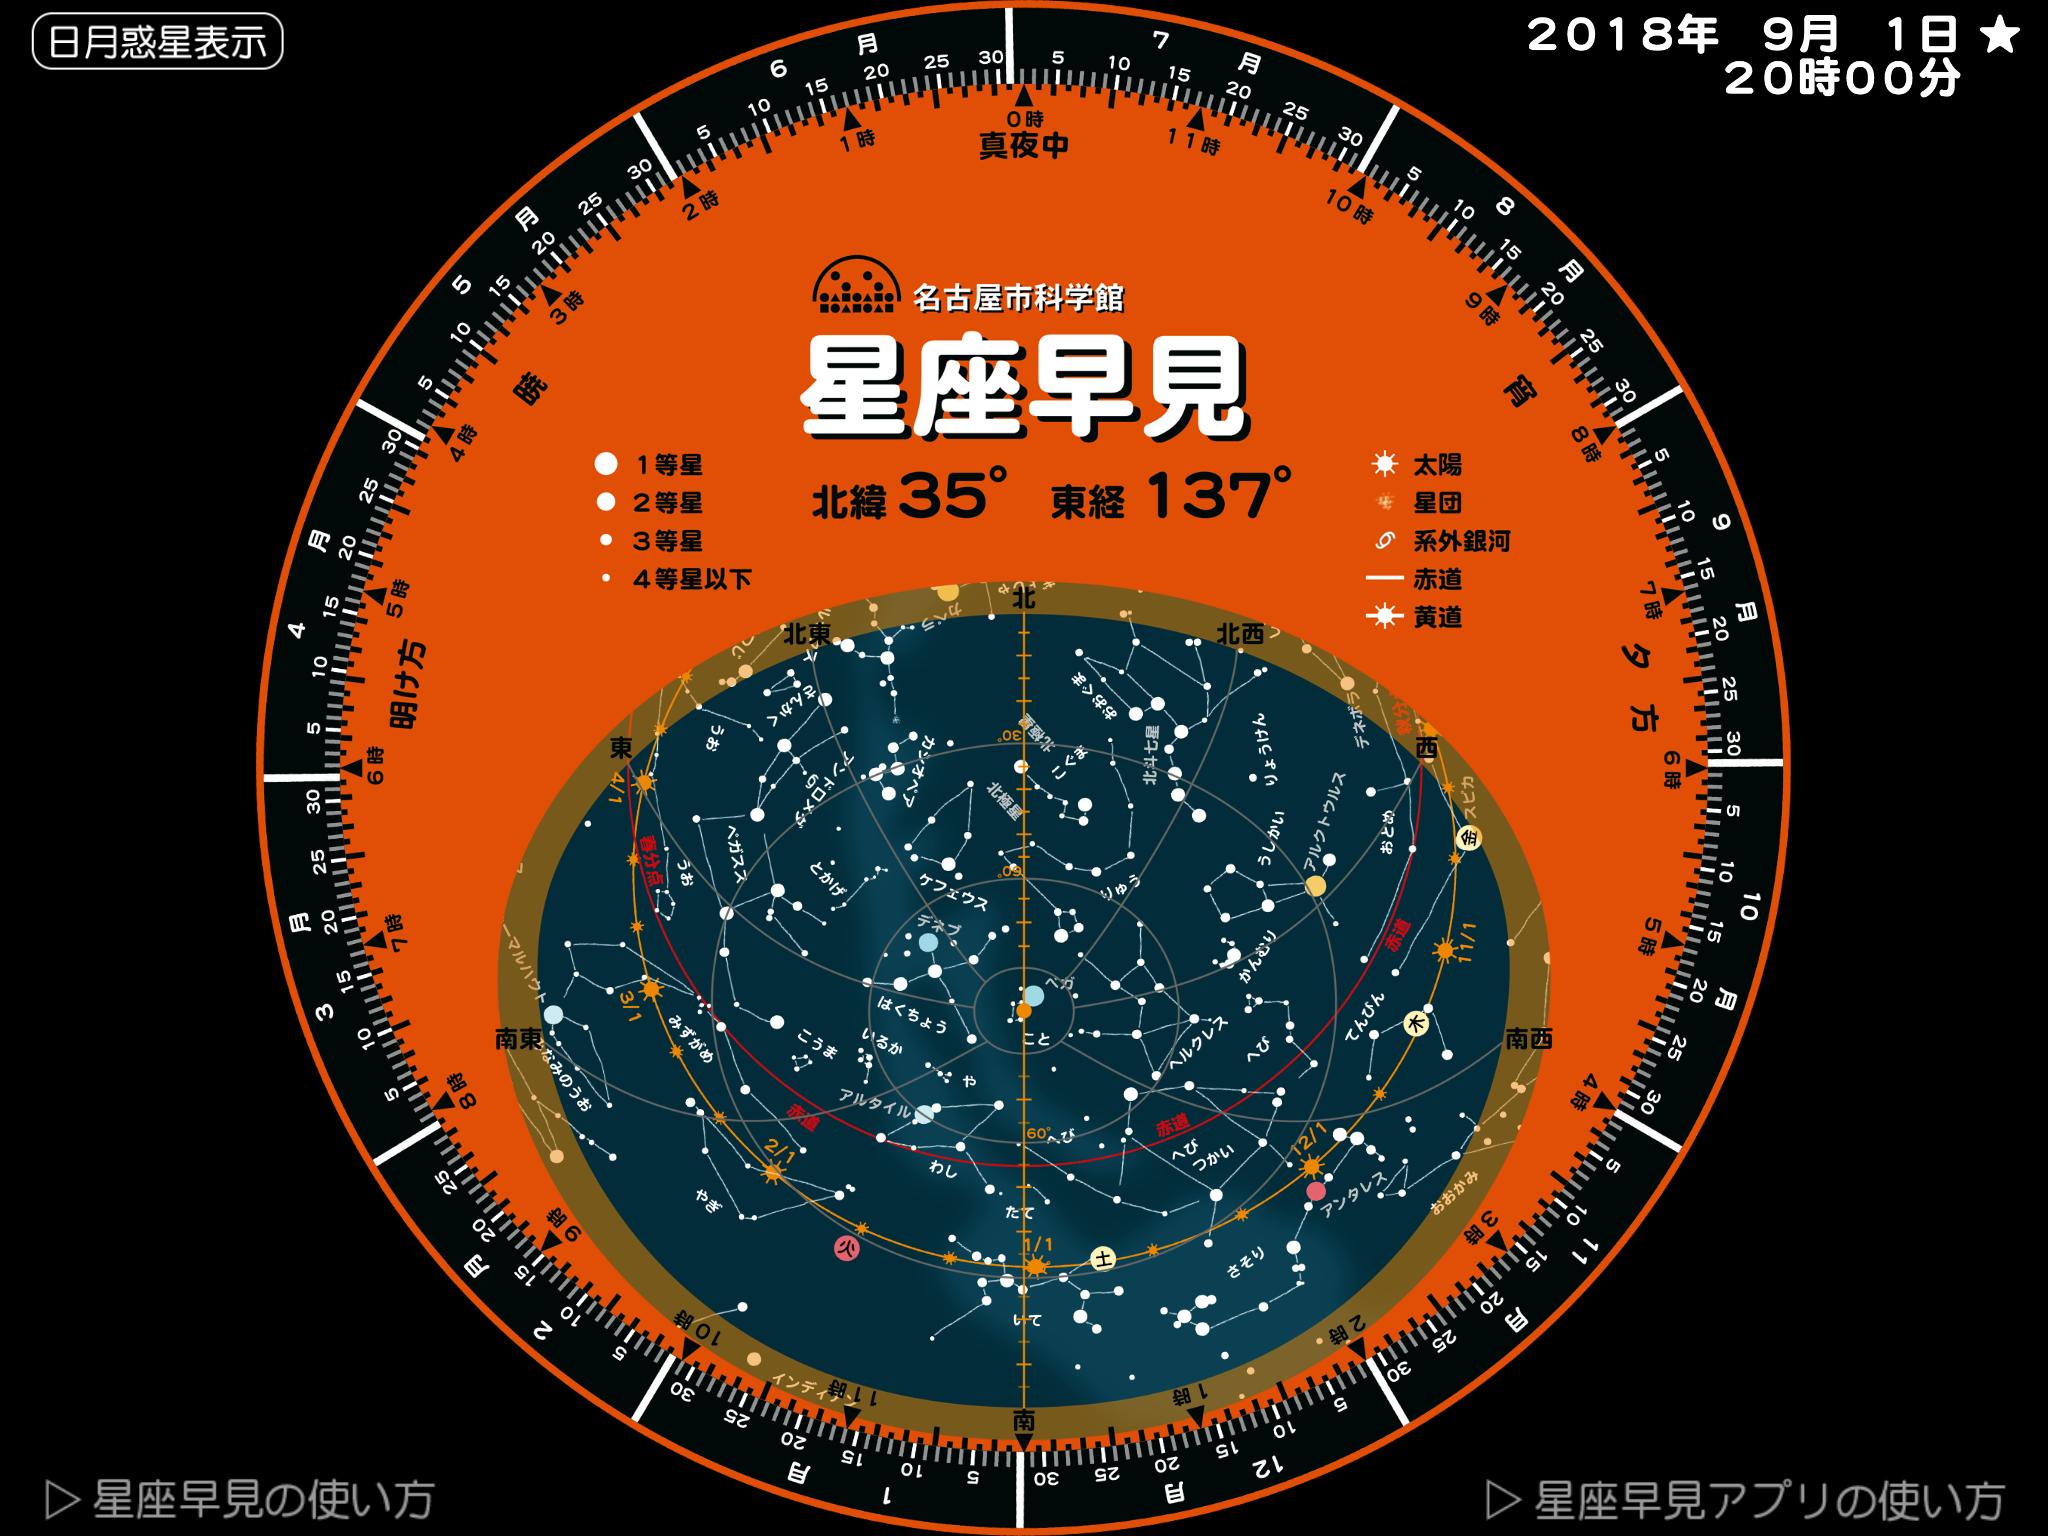 名古屋市科学館 | 科学について調べる | 天文情報 | | 星座早見